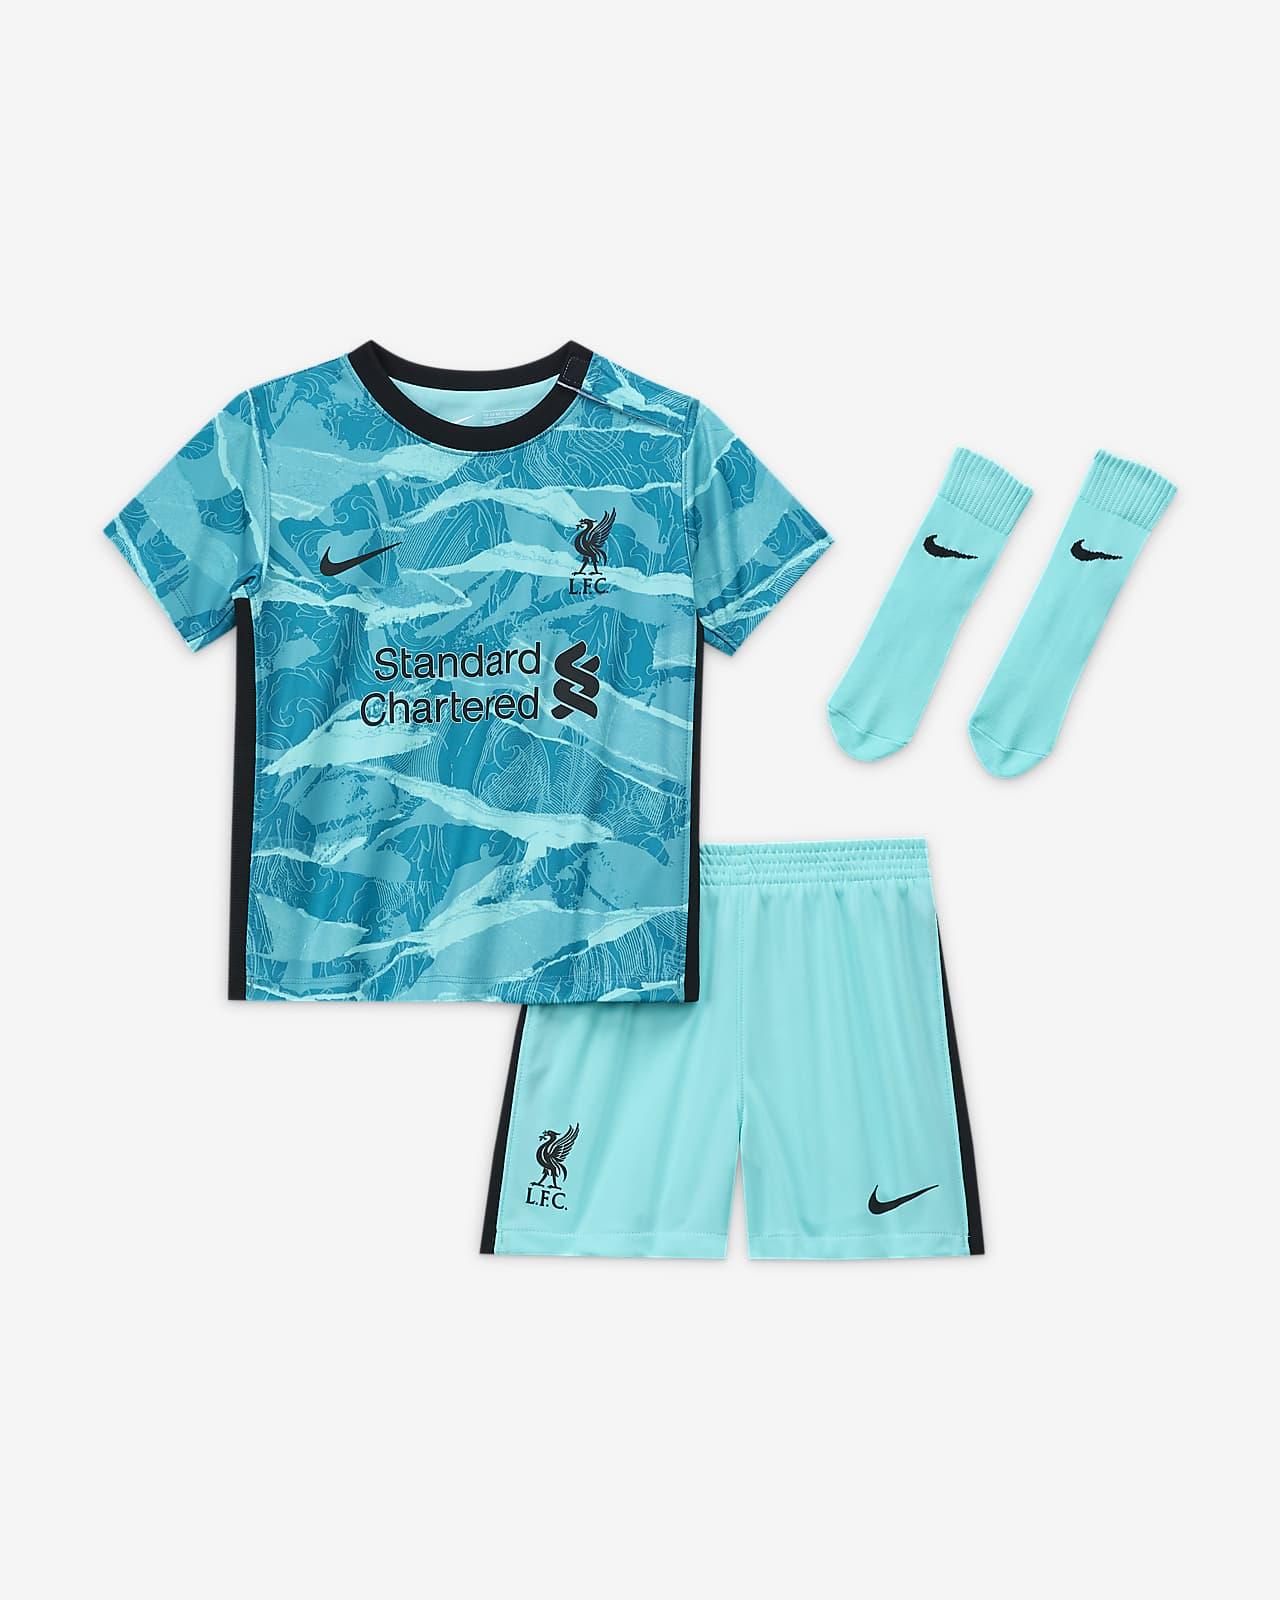 Tenue de football Liverpool FC 2020/21 Extérieur pour Bébé et Petit enfant